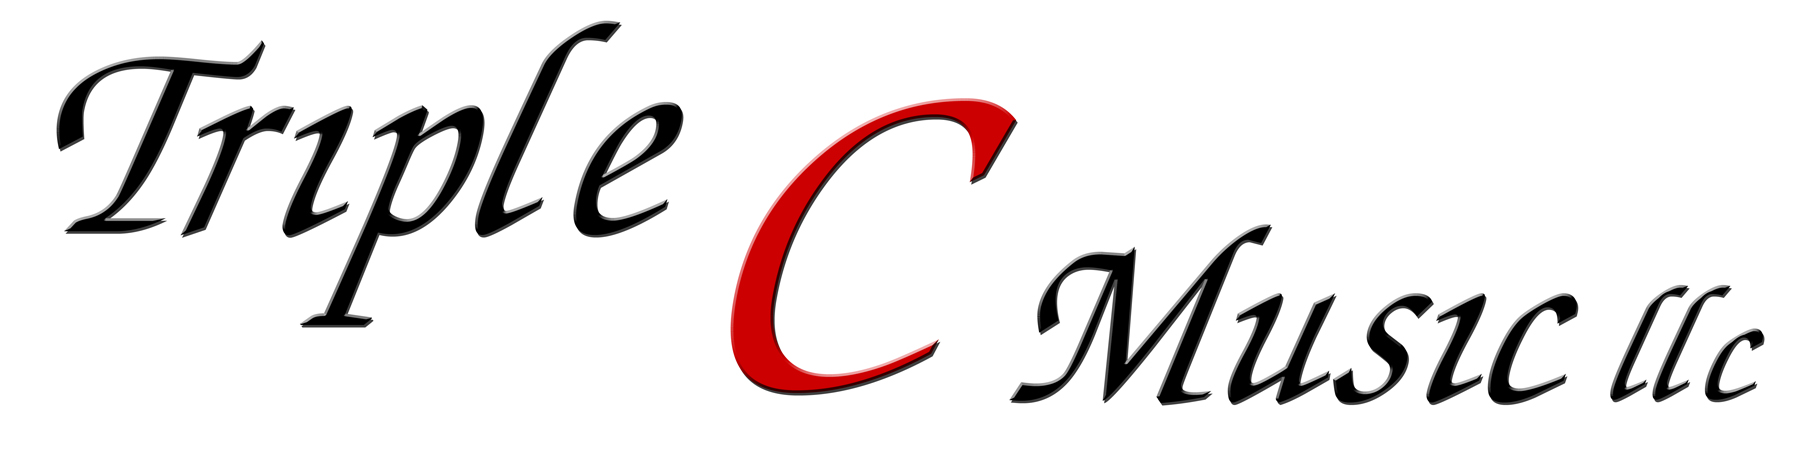 Main Logo copy 2.jpg